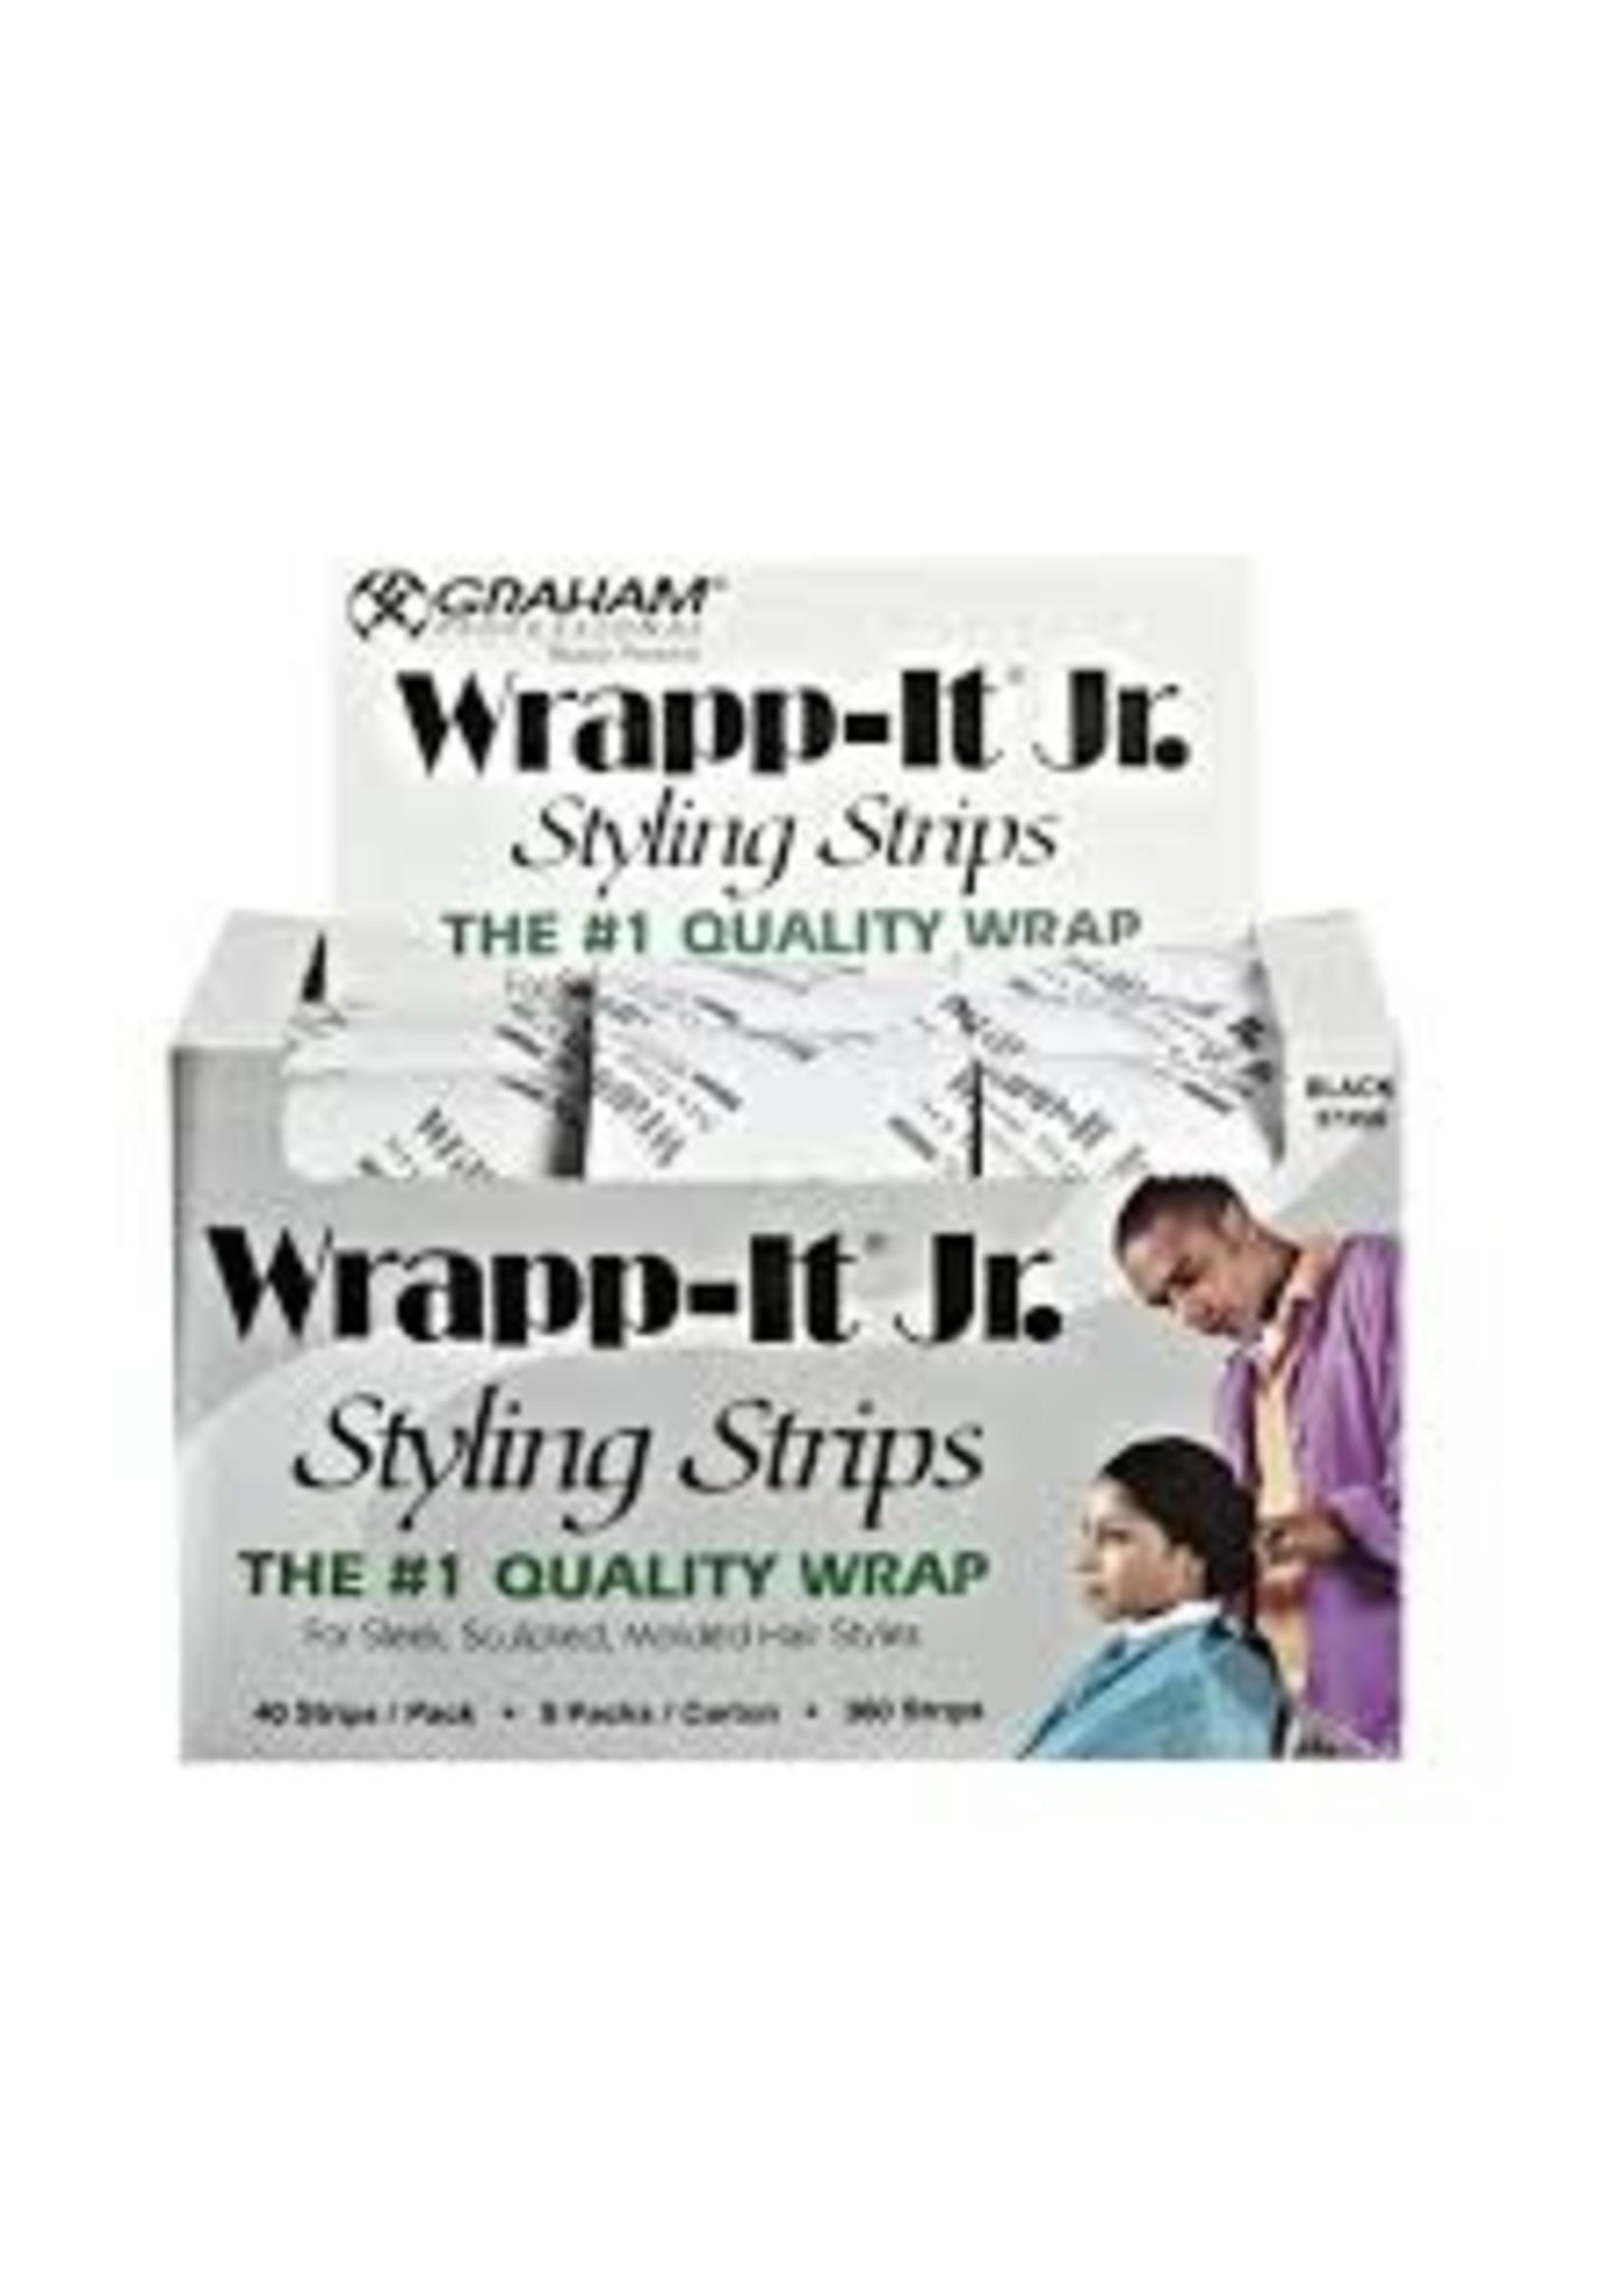 Graham Beauty Wrapp-It Jr Styling Strips